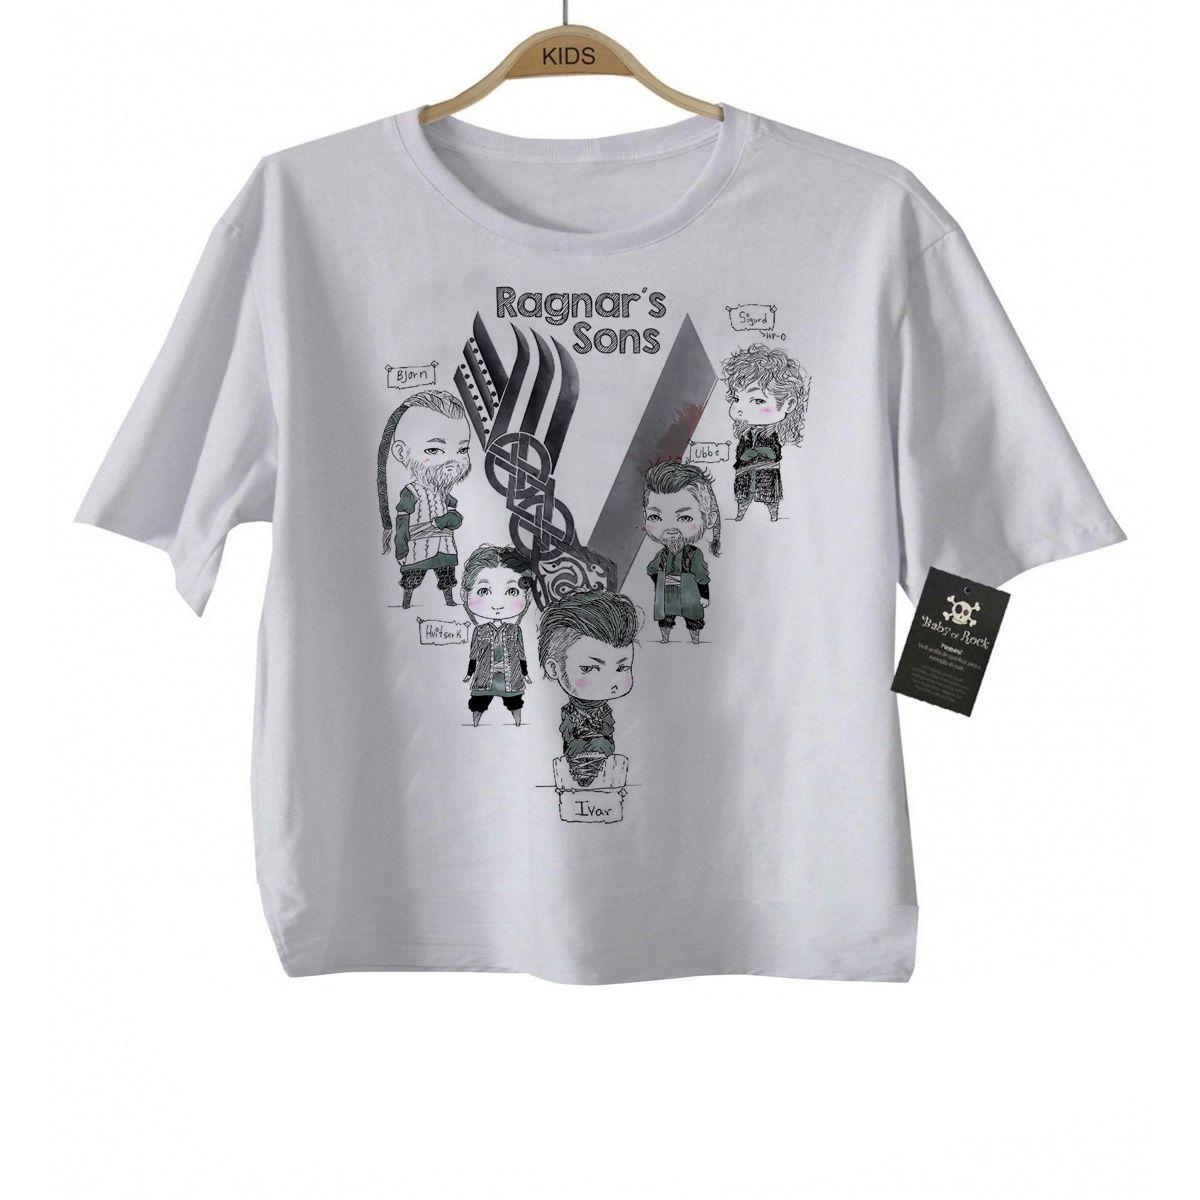 Camiseta Infantil Filmes e Seriados  - VIKINGS  SONS-   White  - Baby Monster - Body Bebe